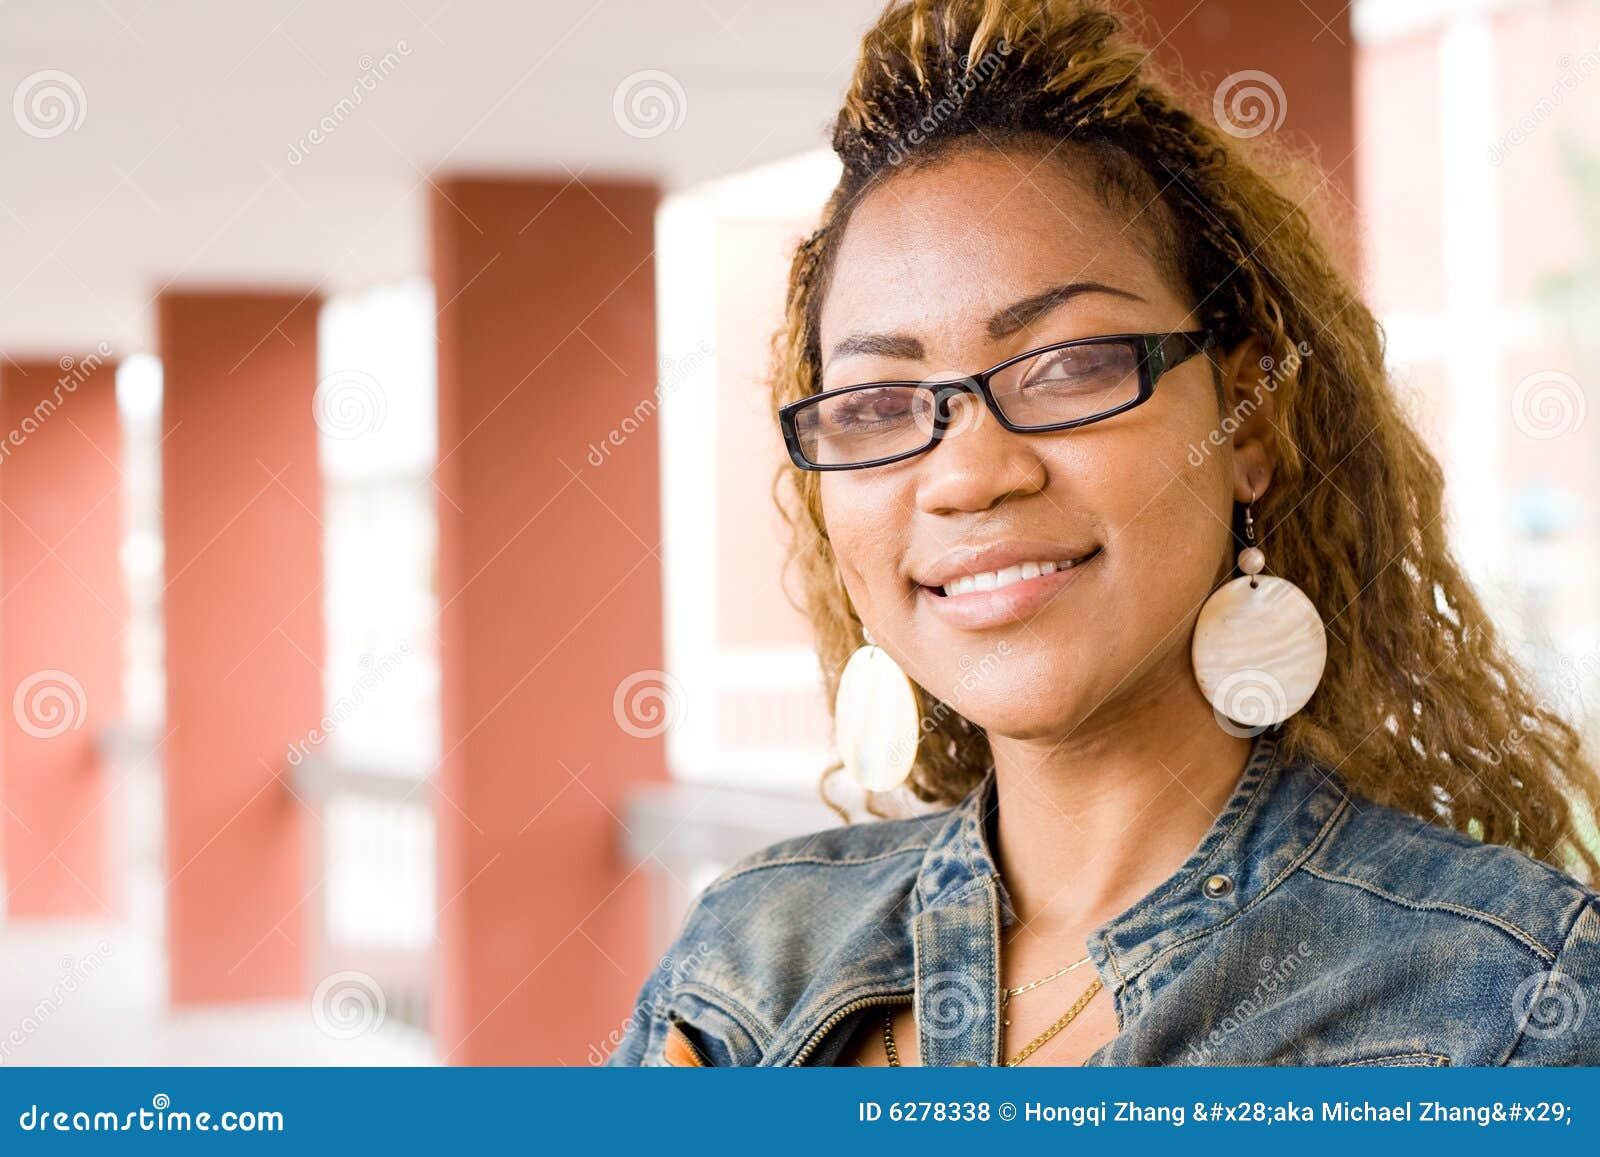 Studentka afrykańskiej